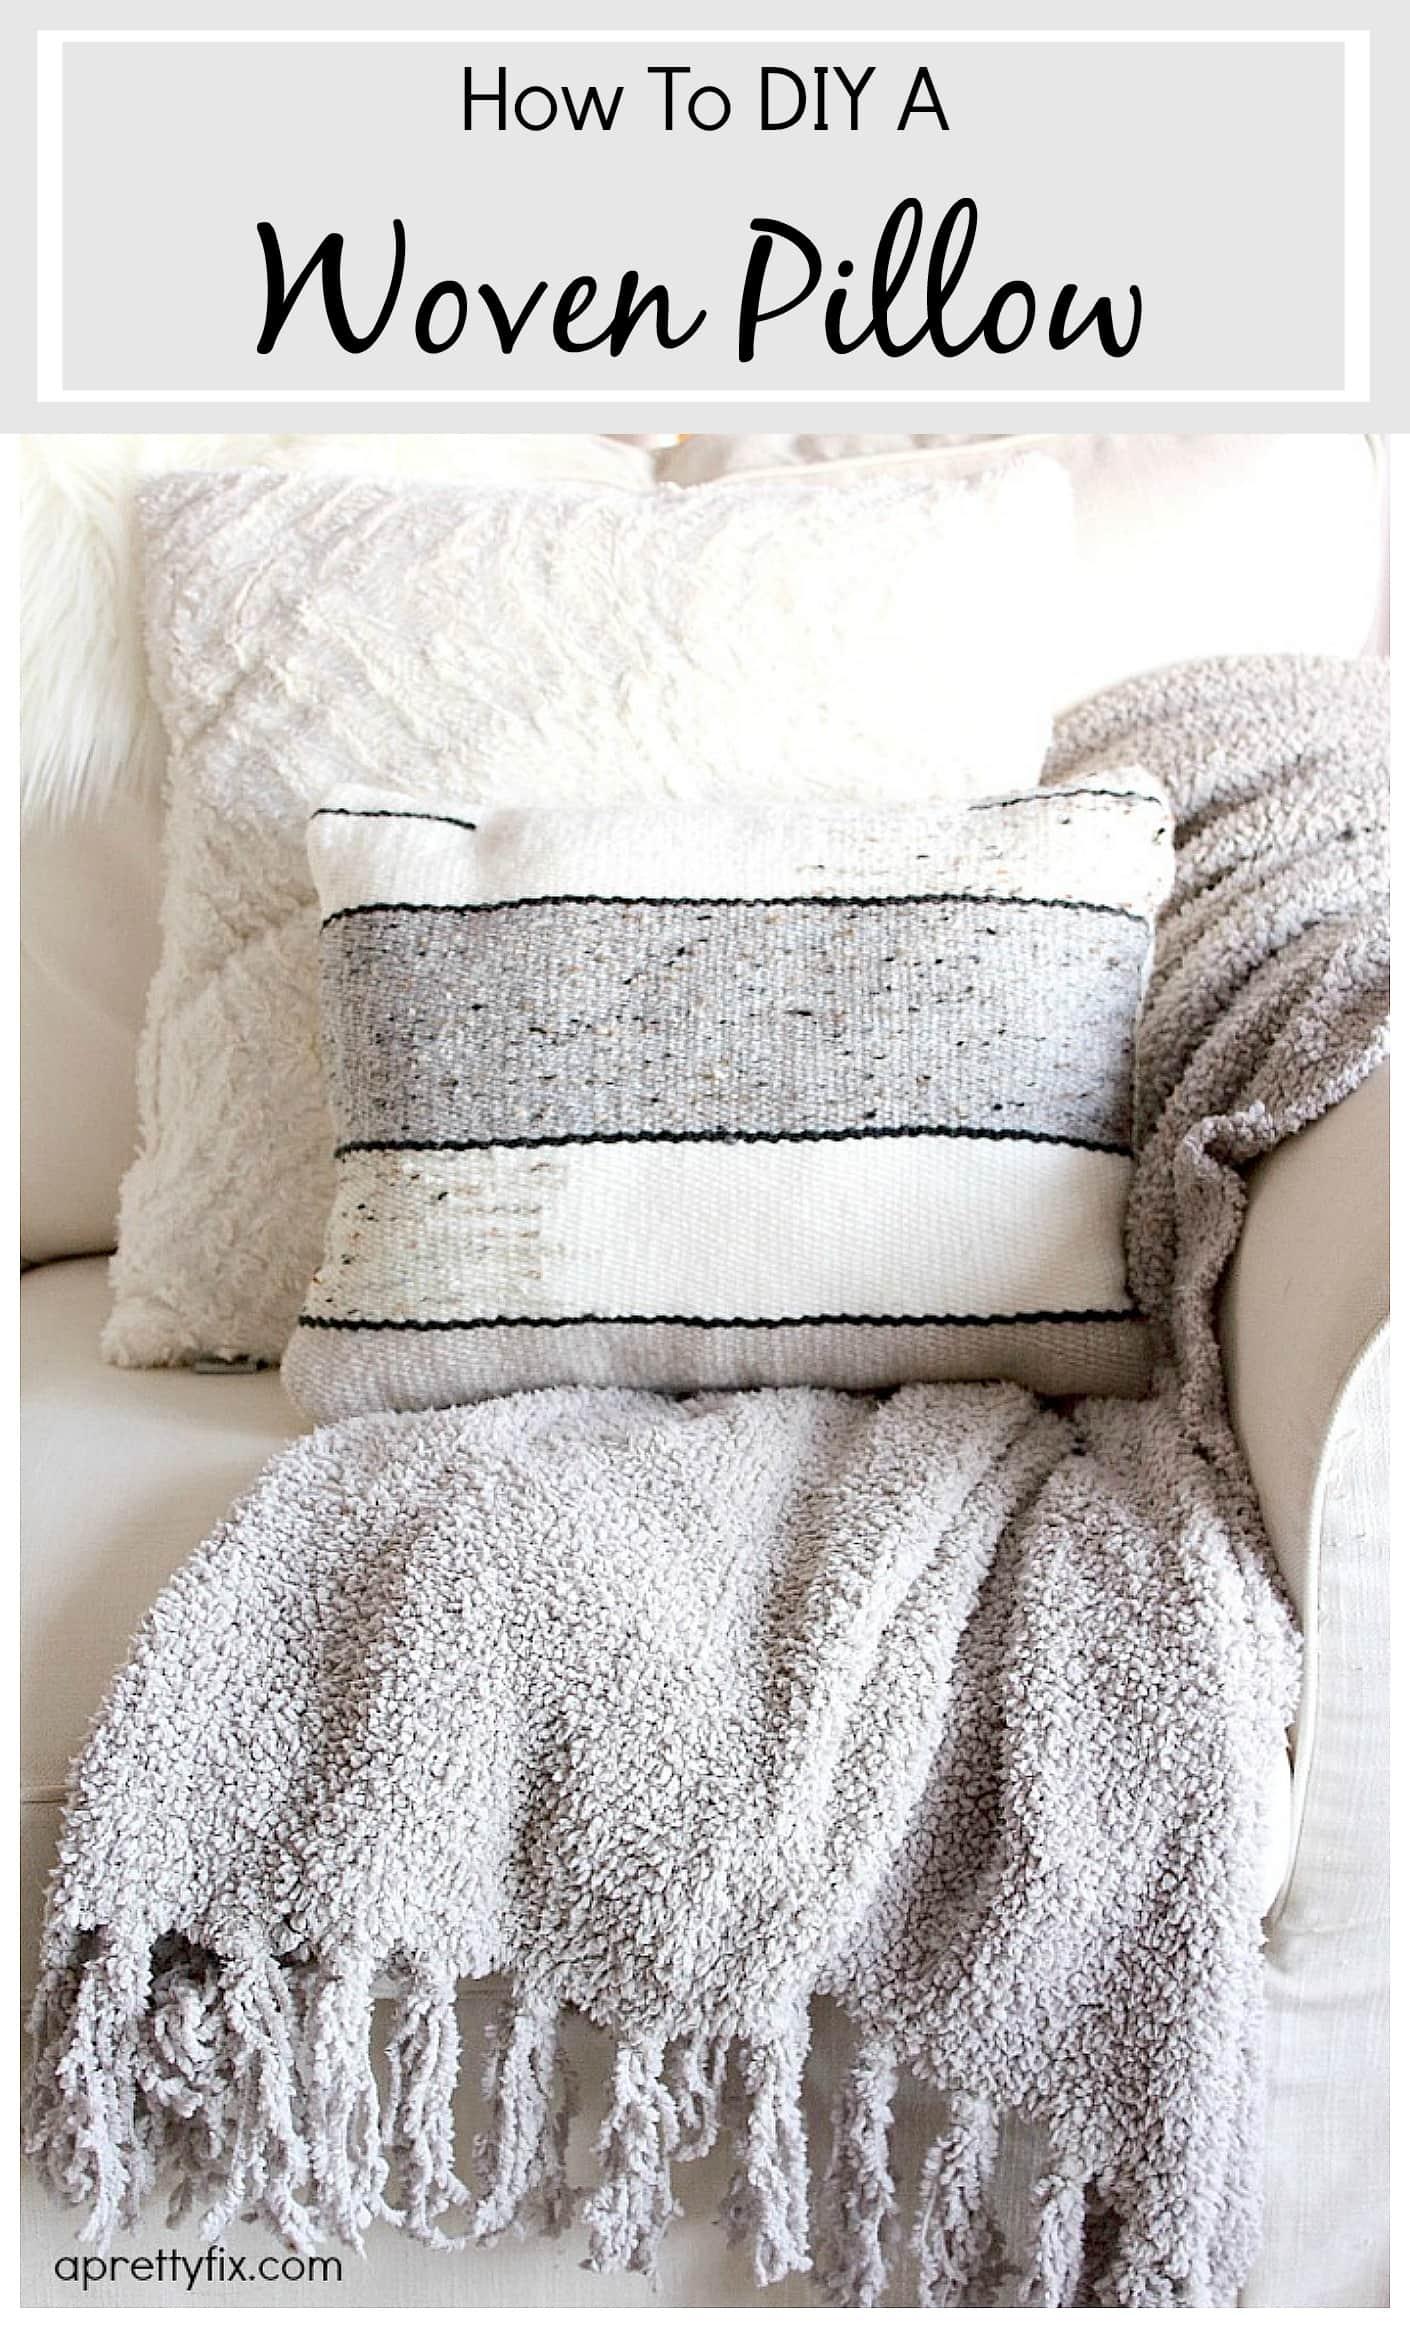 how to diy a woven pillow – a pretty fix Diy Pillow